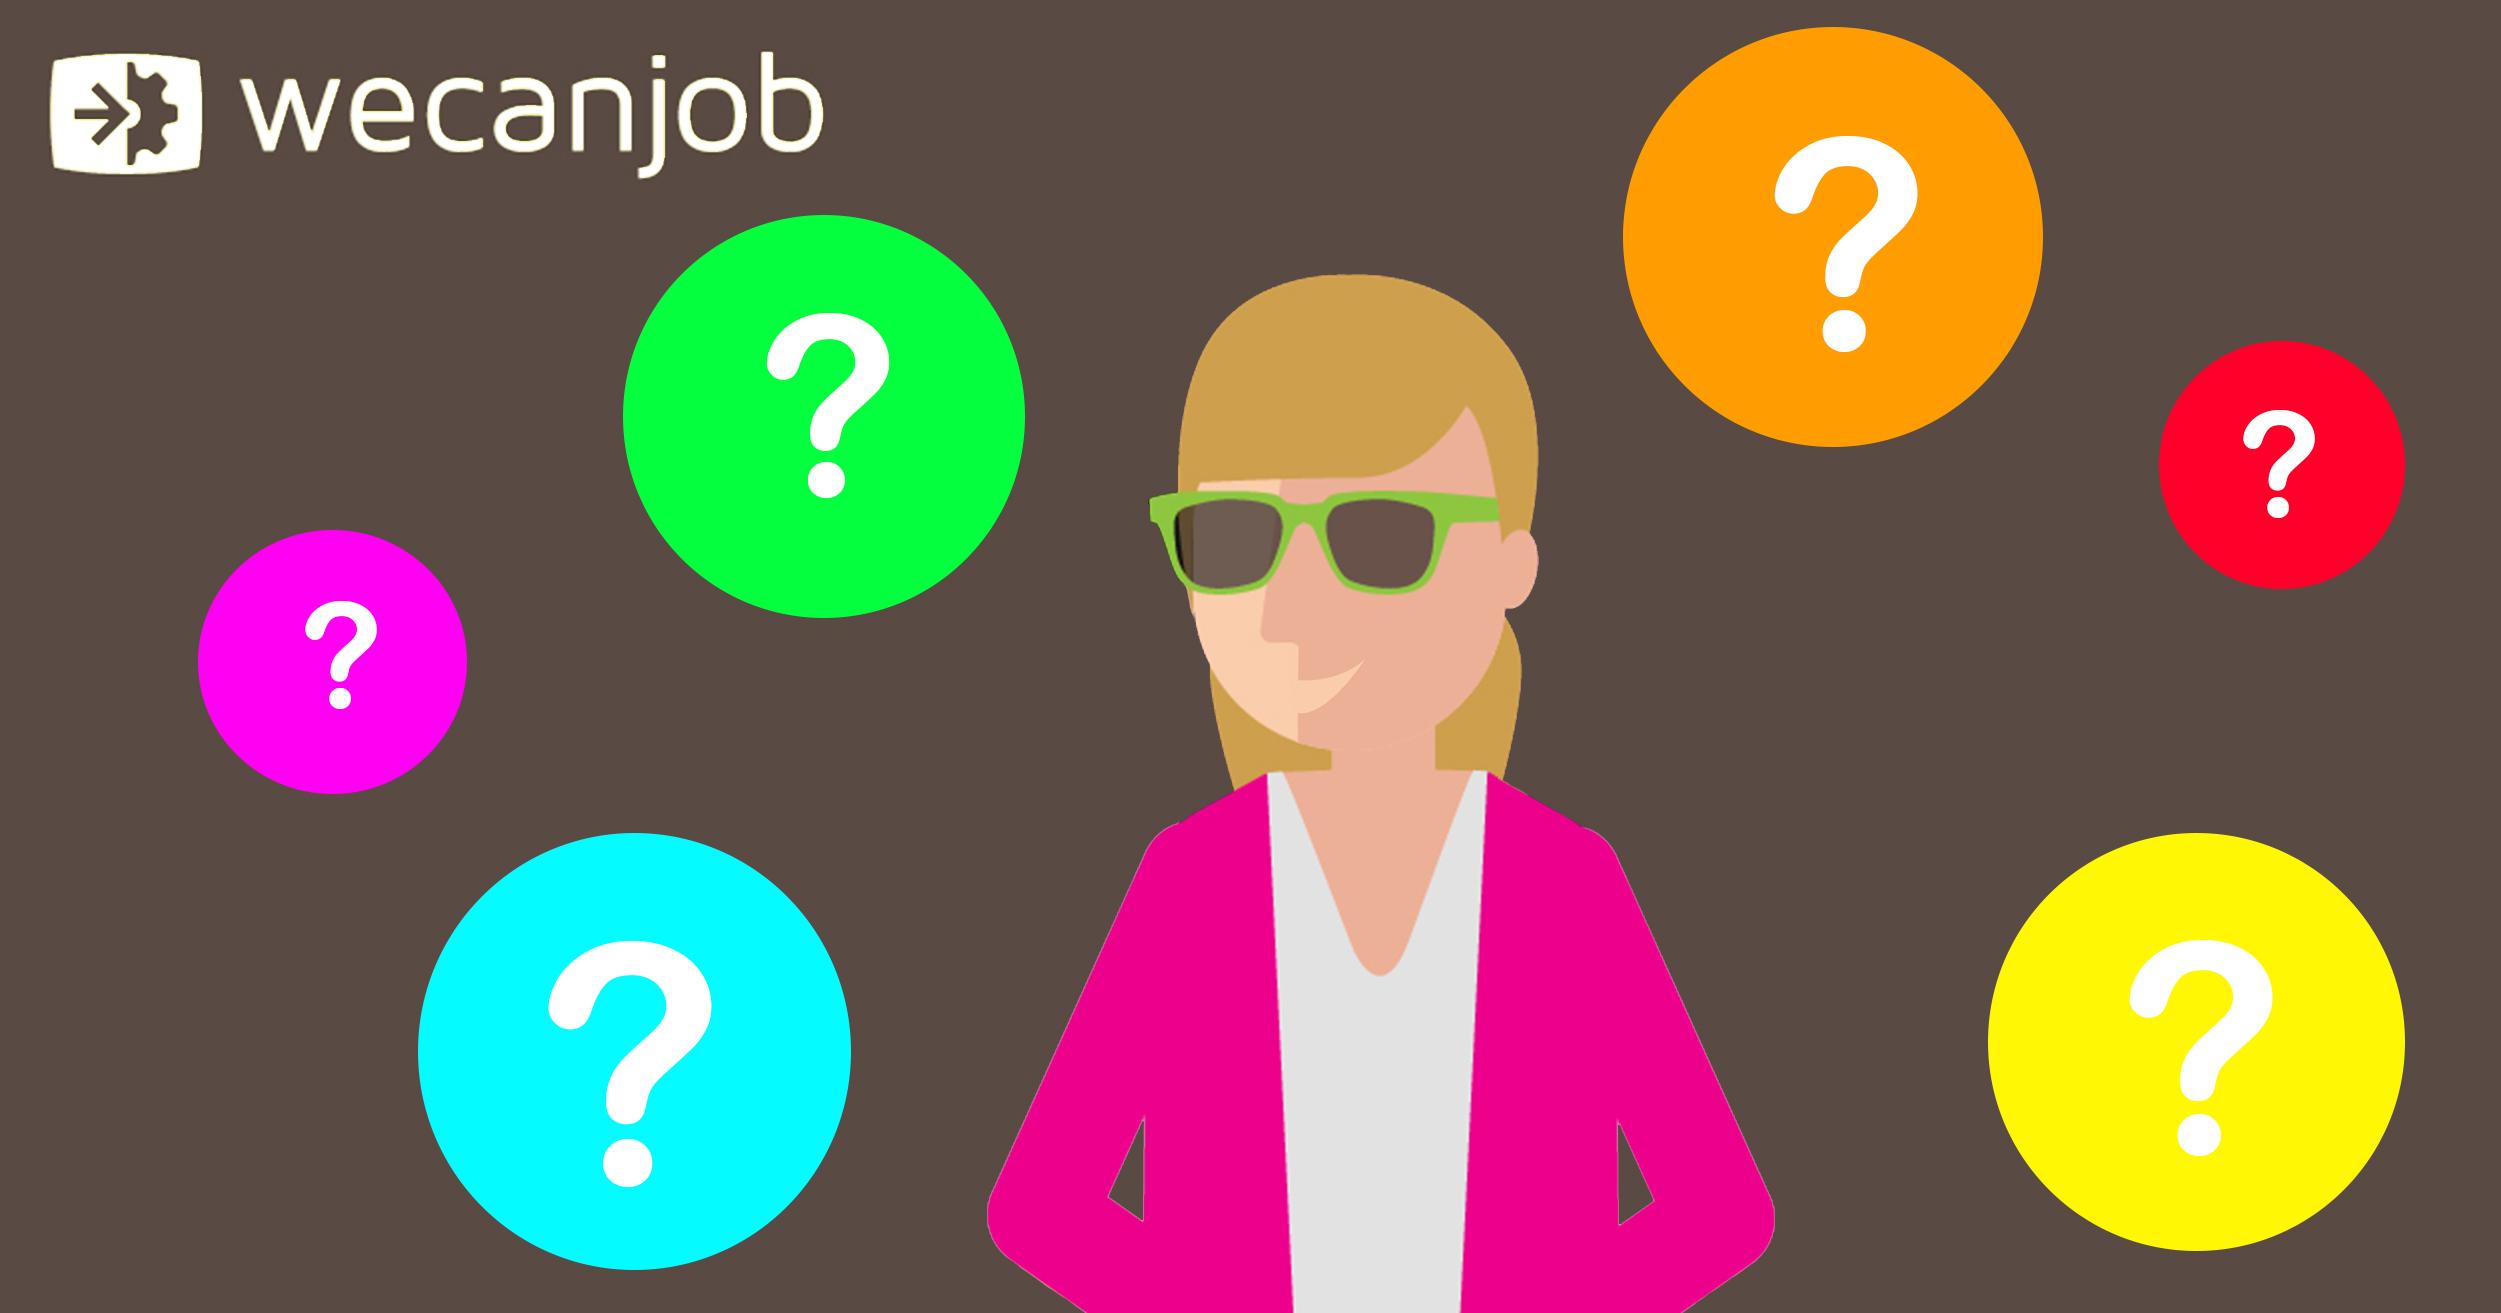 Le competenze per trovare lavoro: quali sono e come si suddividono